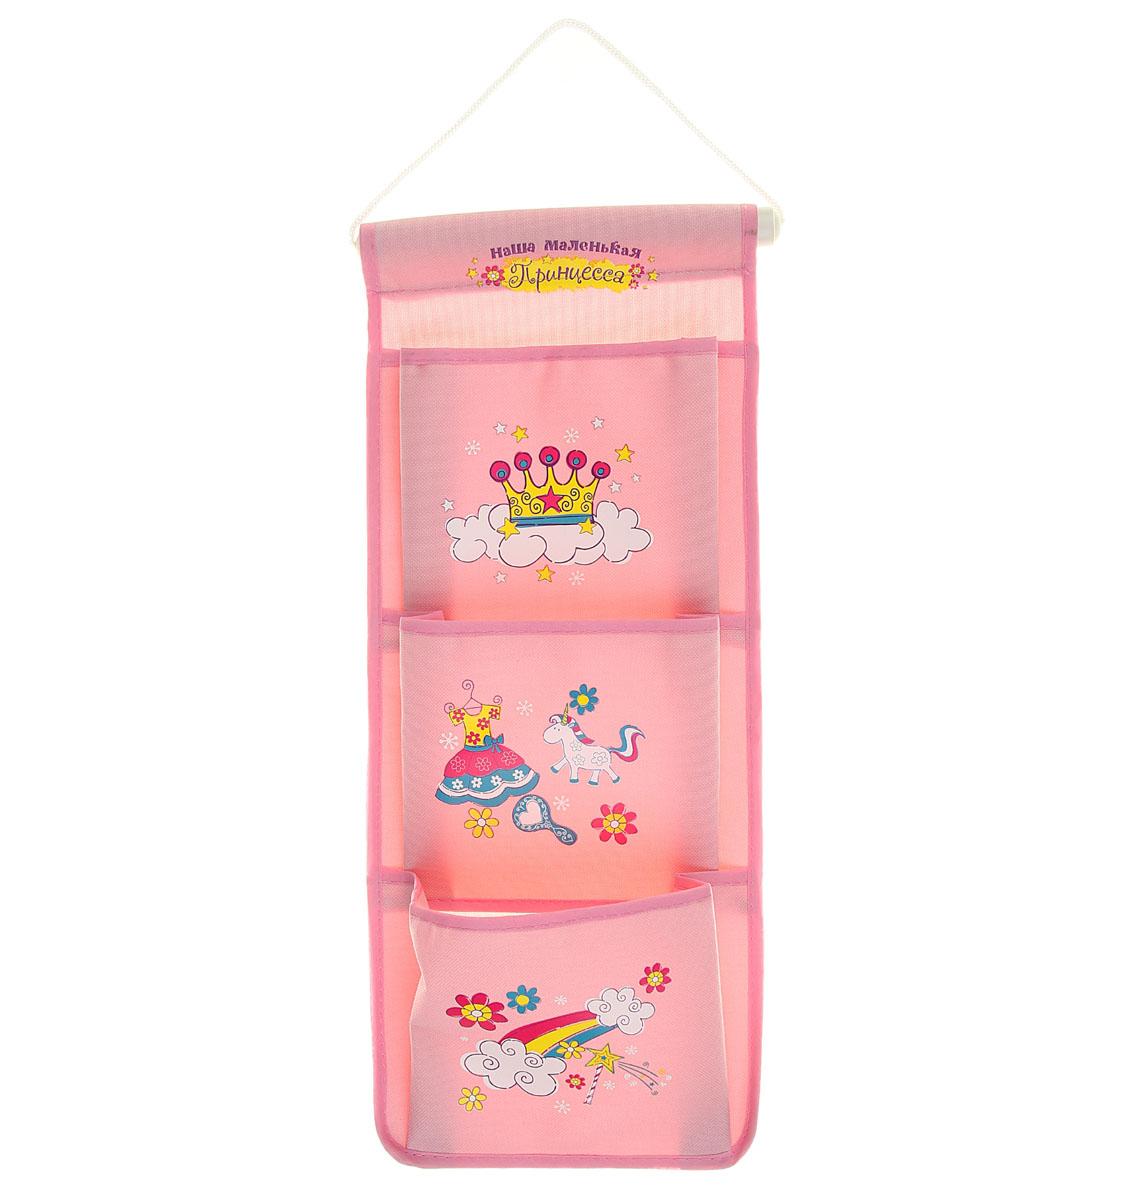 """Кармашки на стену Sima-land """"Наша маленькая принцесса"""", изготовленные из текстиля и пластика, предназначены для хранения необходимых вещей, множества мелочей в гардеробной, ванной, детской комнатах. Изделие представляет собой текстильное полотно с тремя пришитыми кармашками. Благодаря пластмассовой планке и шнурку, кармашки можно подвесить на стену или дверь в необходимом для вас месте. Кармашки декорированы изображениями короны, платья, цветов и надписью """"Наша маленькая принцесса"""".Этот нужный предмет может стать одновременно и декоративным элементом комнаты. Яркий дизайн, как ничто иное, способен оживить интерьер вашего дома.Размеры: 18 х 46 см."""